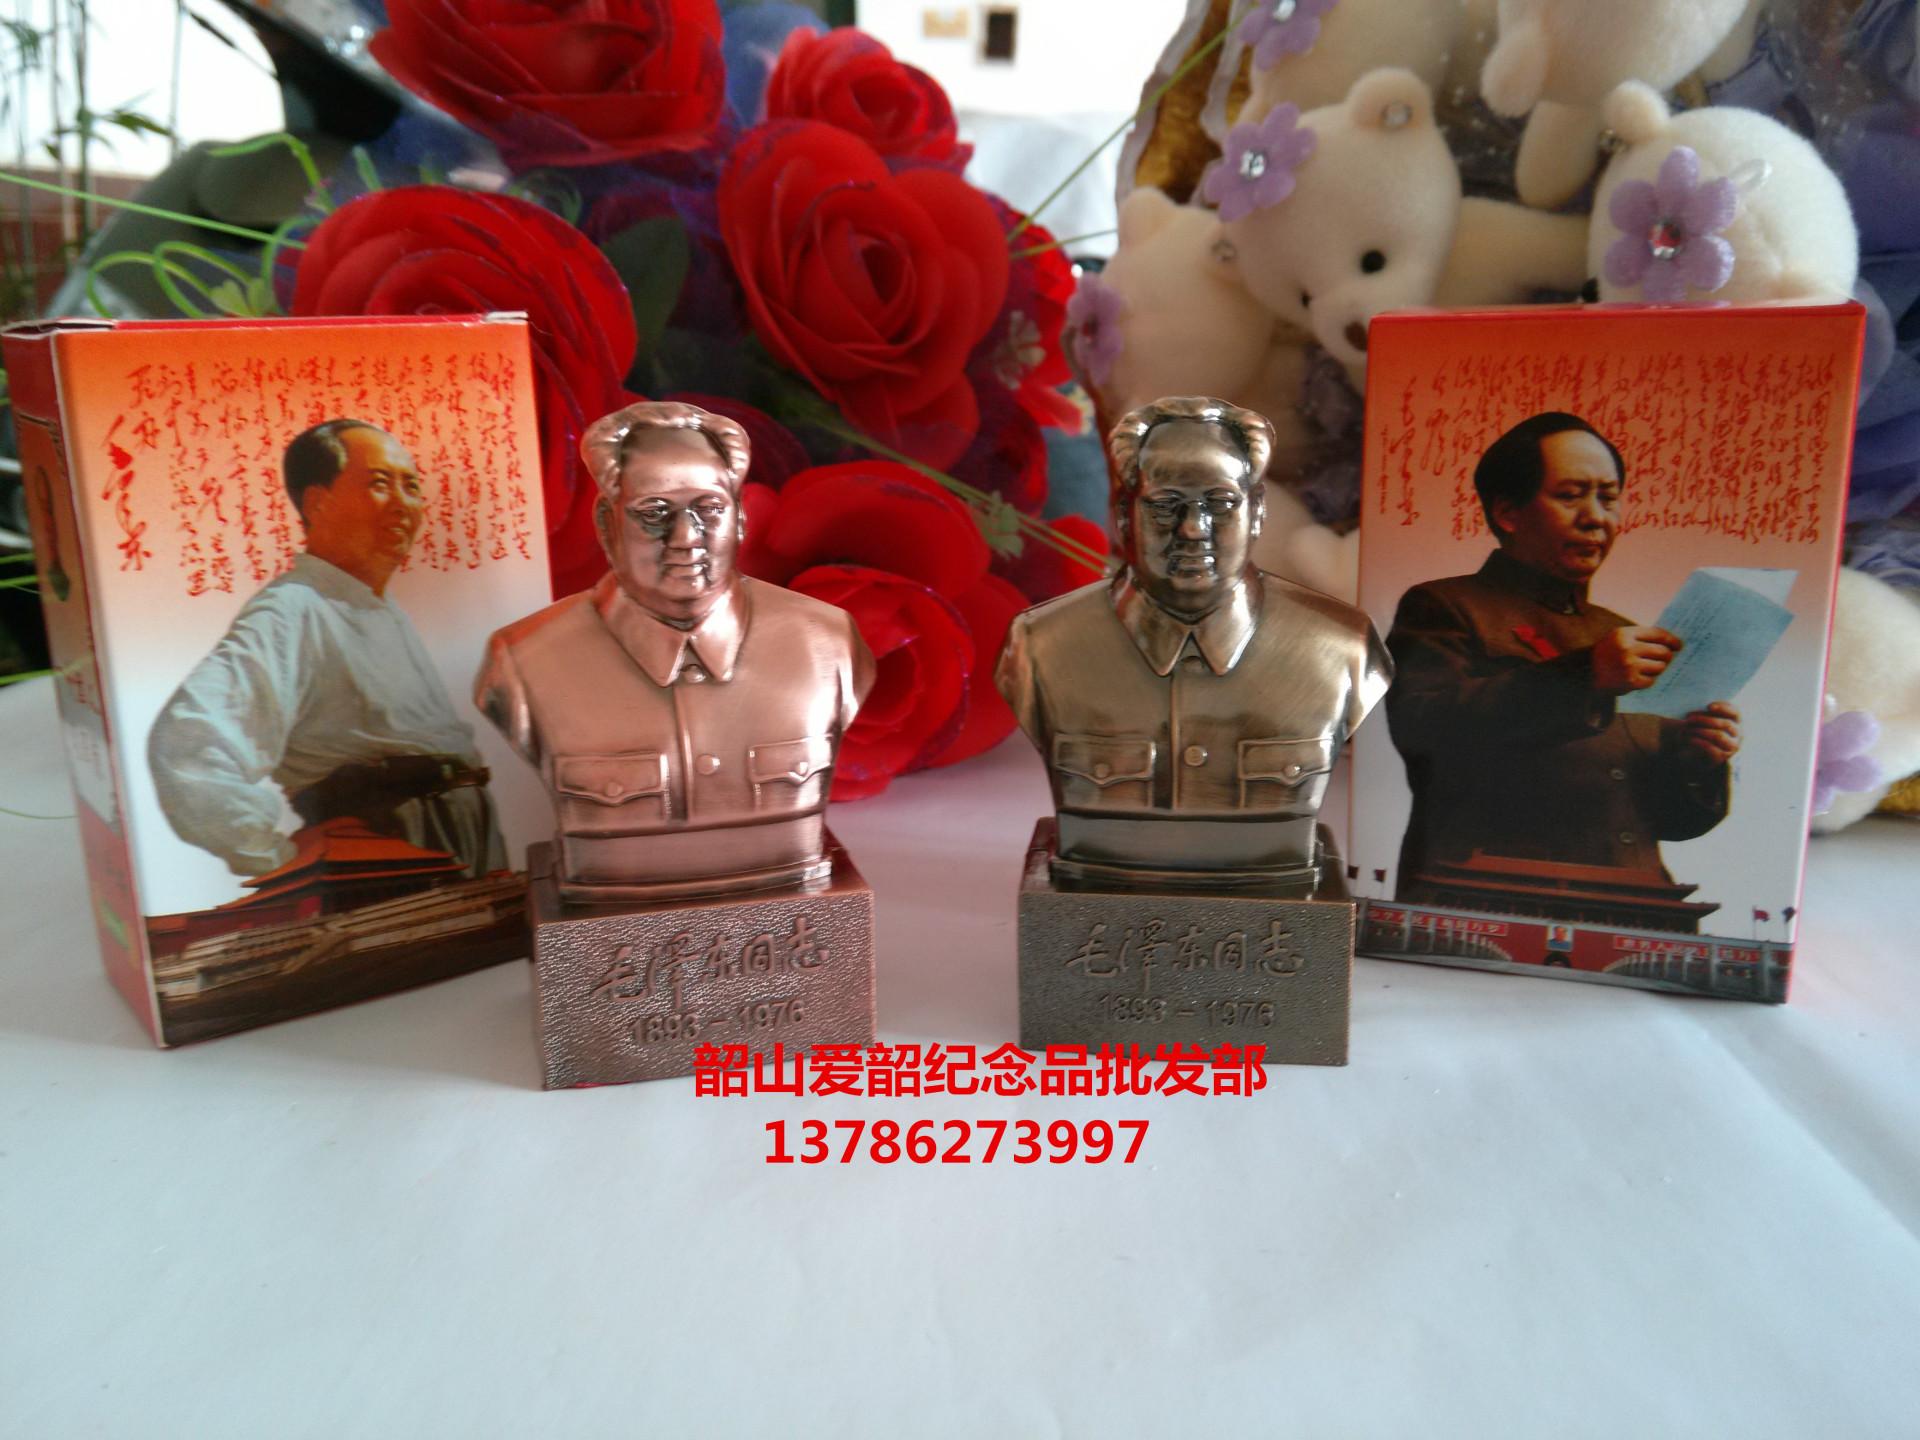 厂家直销毛主席半身铜像台像    畅销会议营销产品